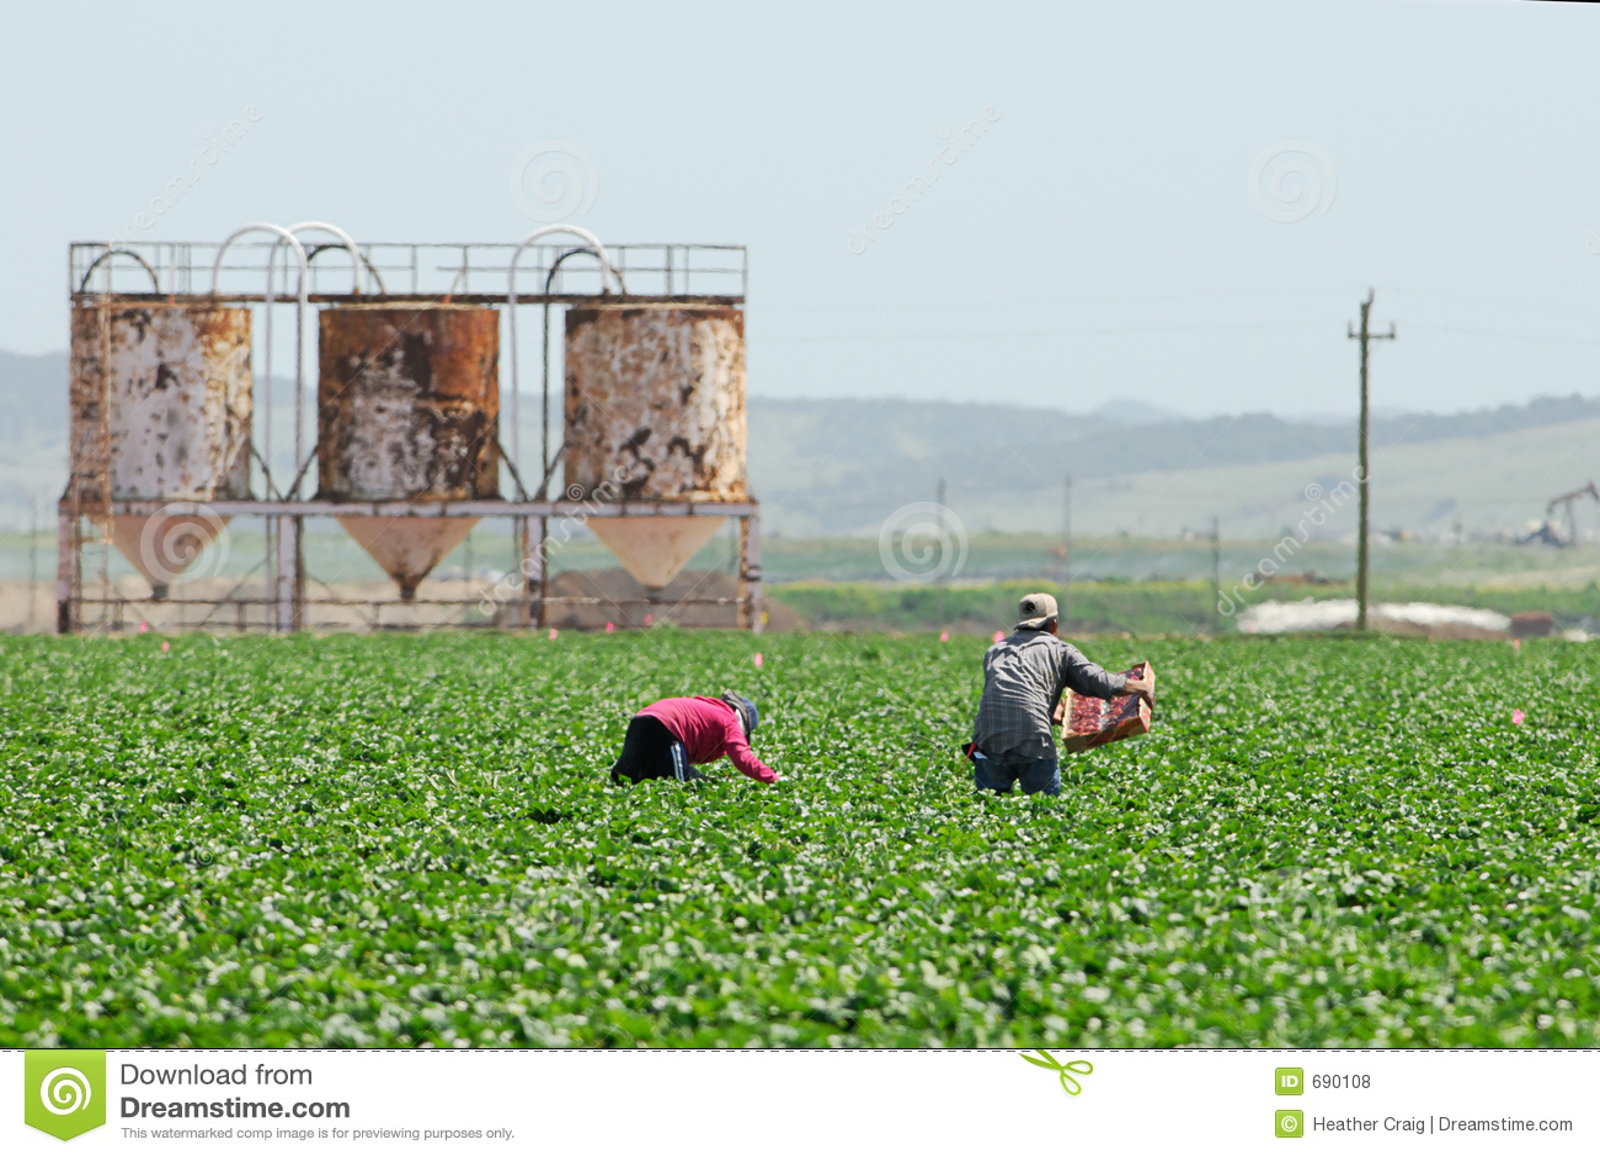 Migrant Farmworkers in California